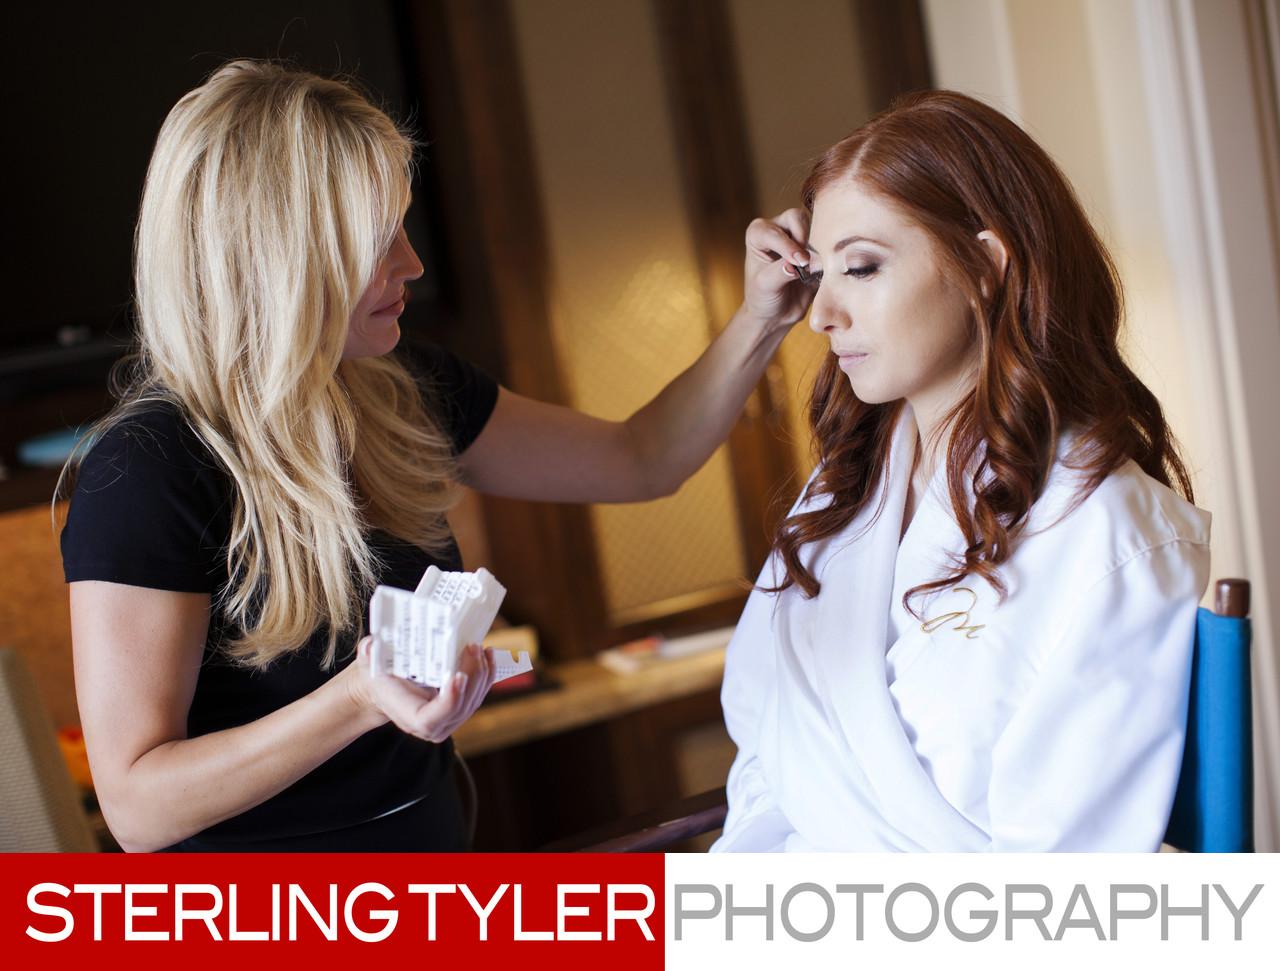 Makeup Artist Ron Ann Frey